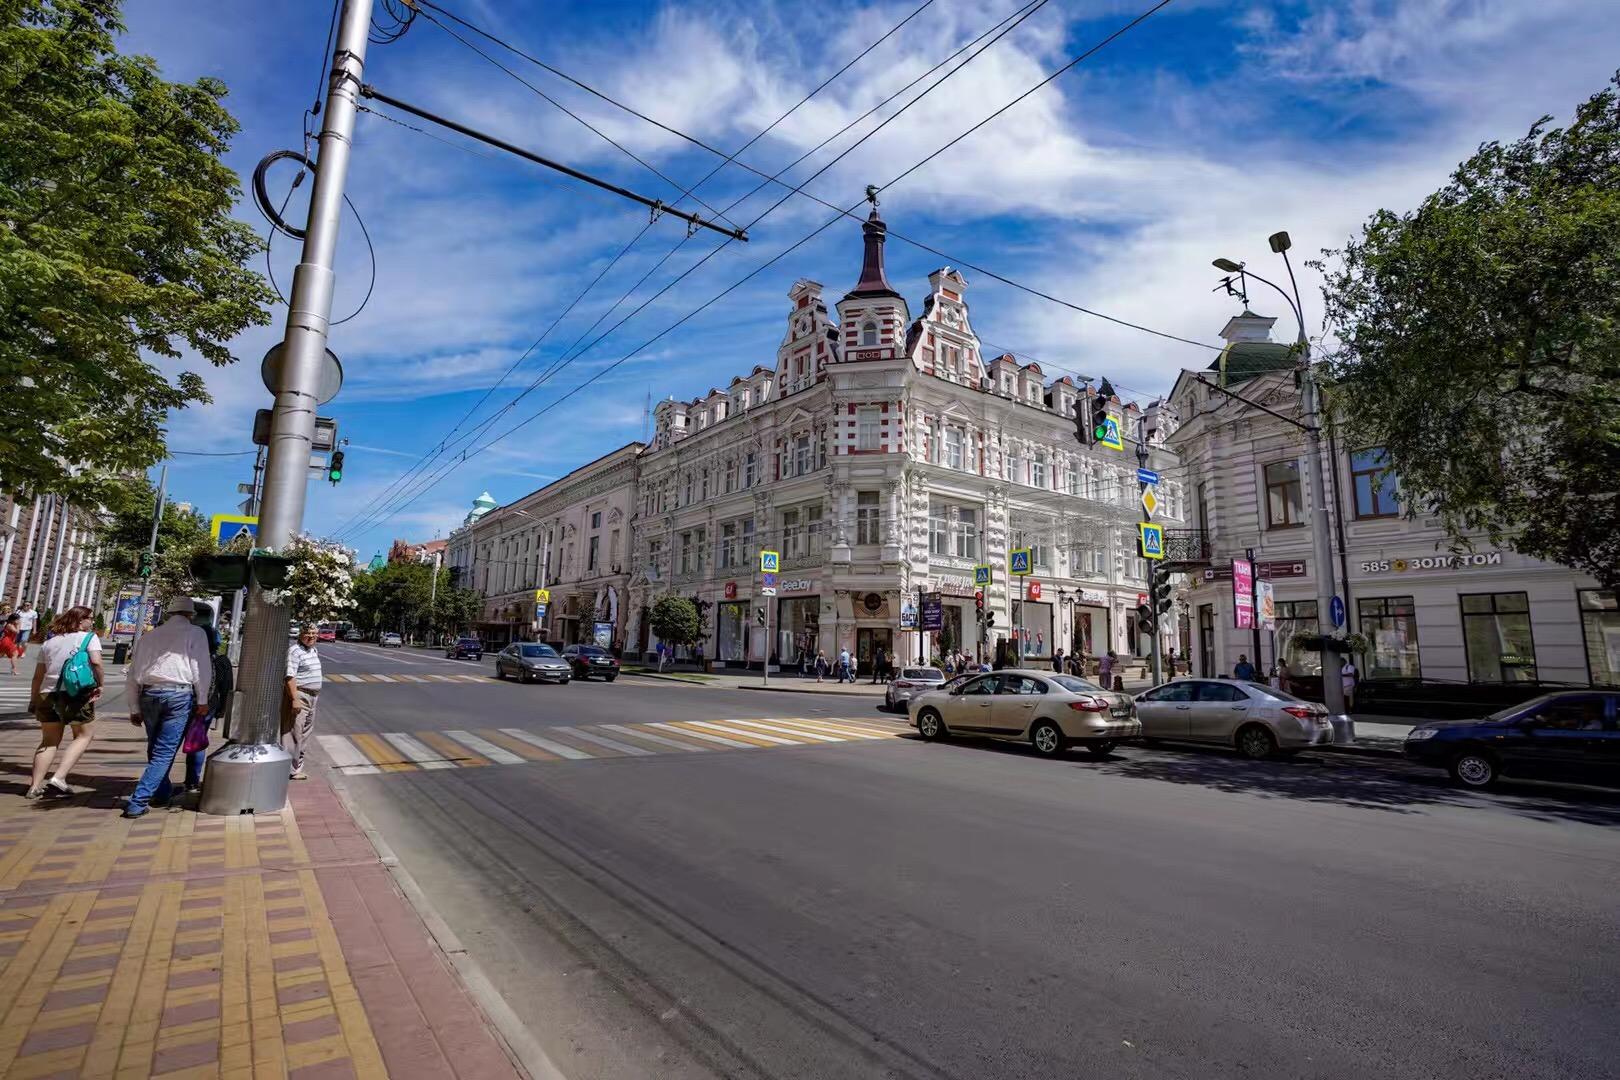 世界杯席卷古城罗斯托夫